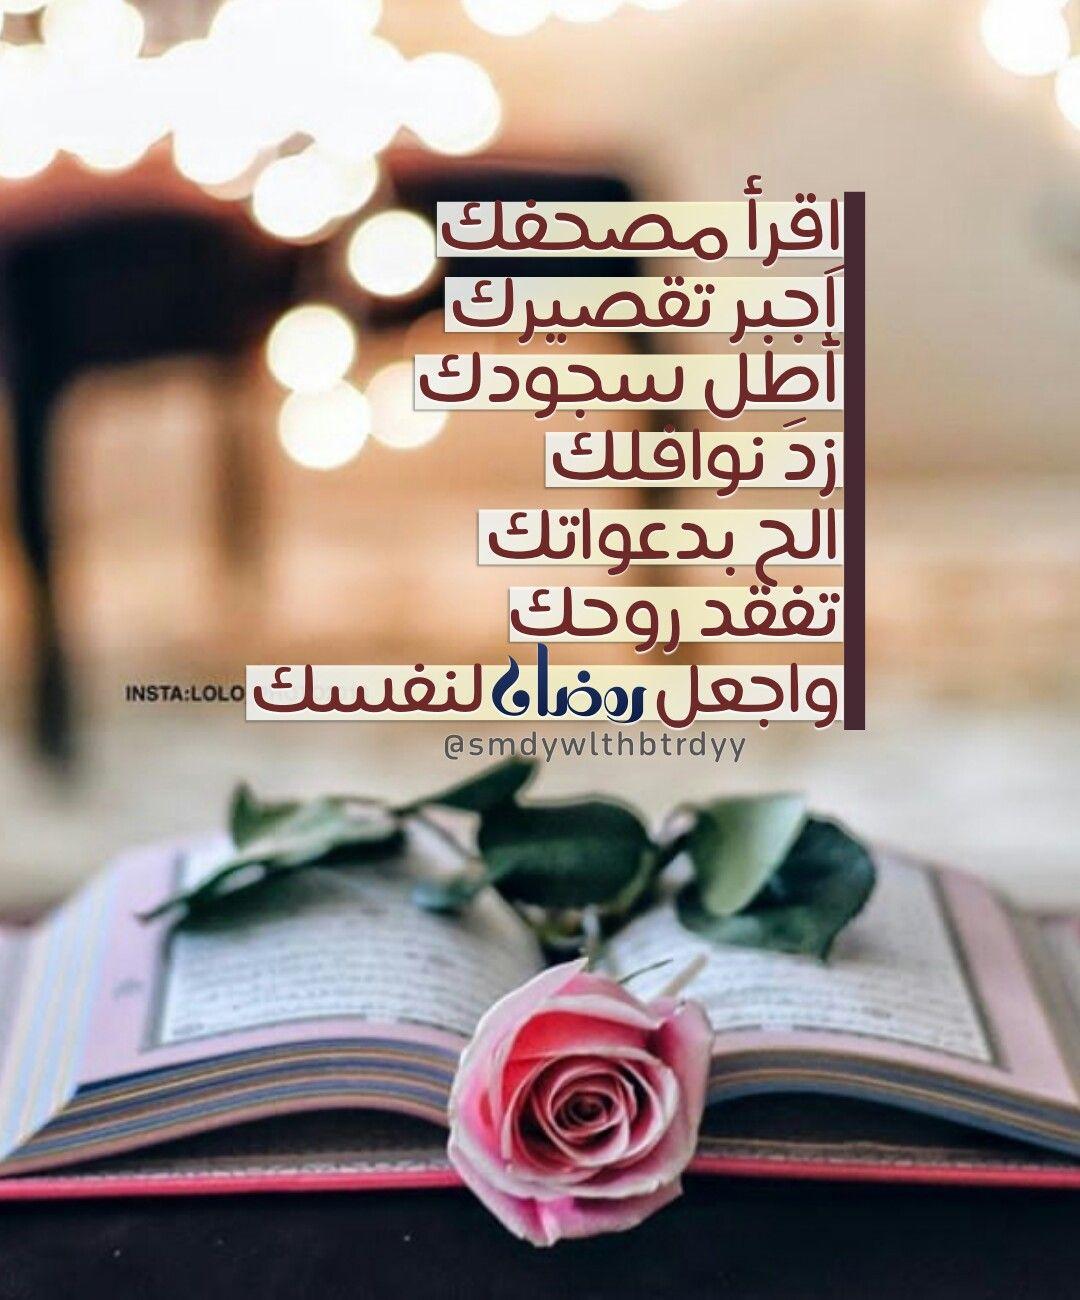 لكل شيء ربيع وربيع القرآن شهر رمضان Ramadan Statment Lettering